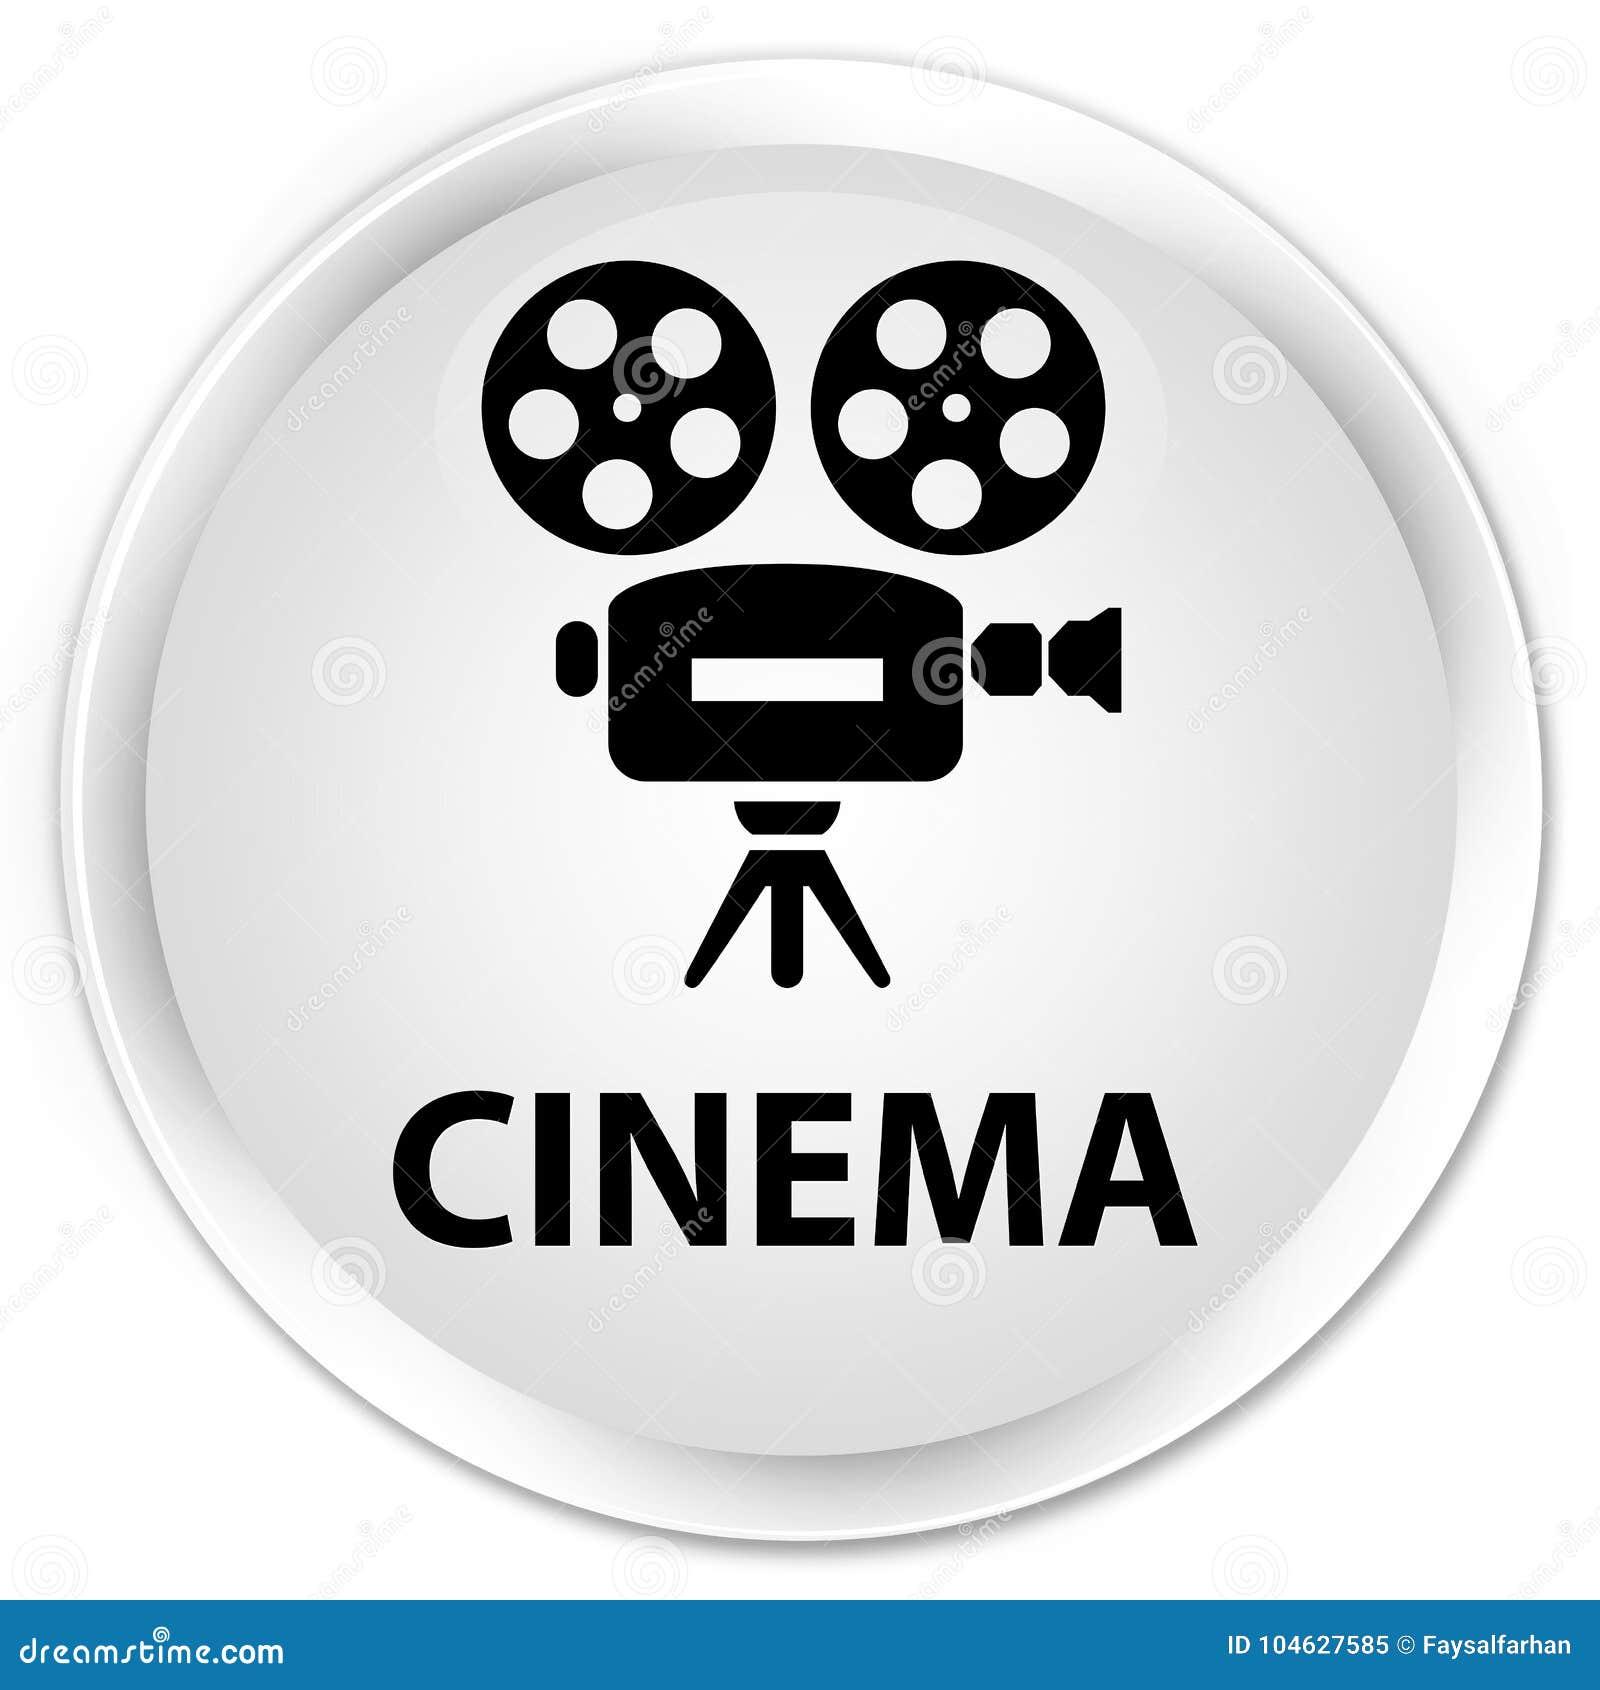 Download Van De Bioskoop (videocamerapictogram) Premie De Witte Ronde Knoop Stock Illustratie - Illustratie bestaande uit pictogram, bioskoop: 104627585